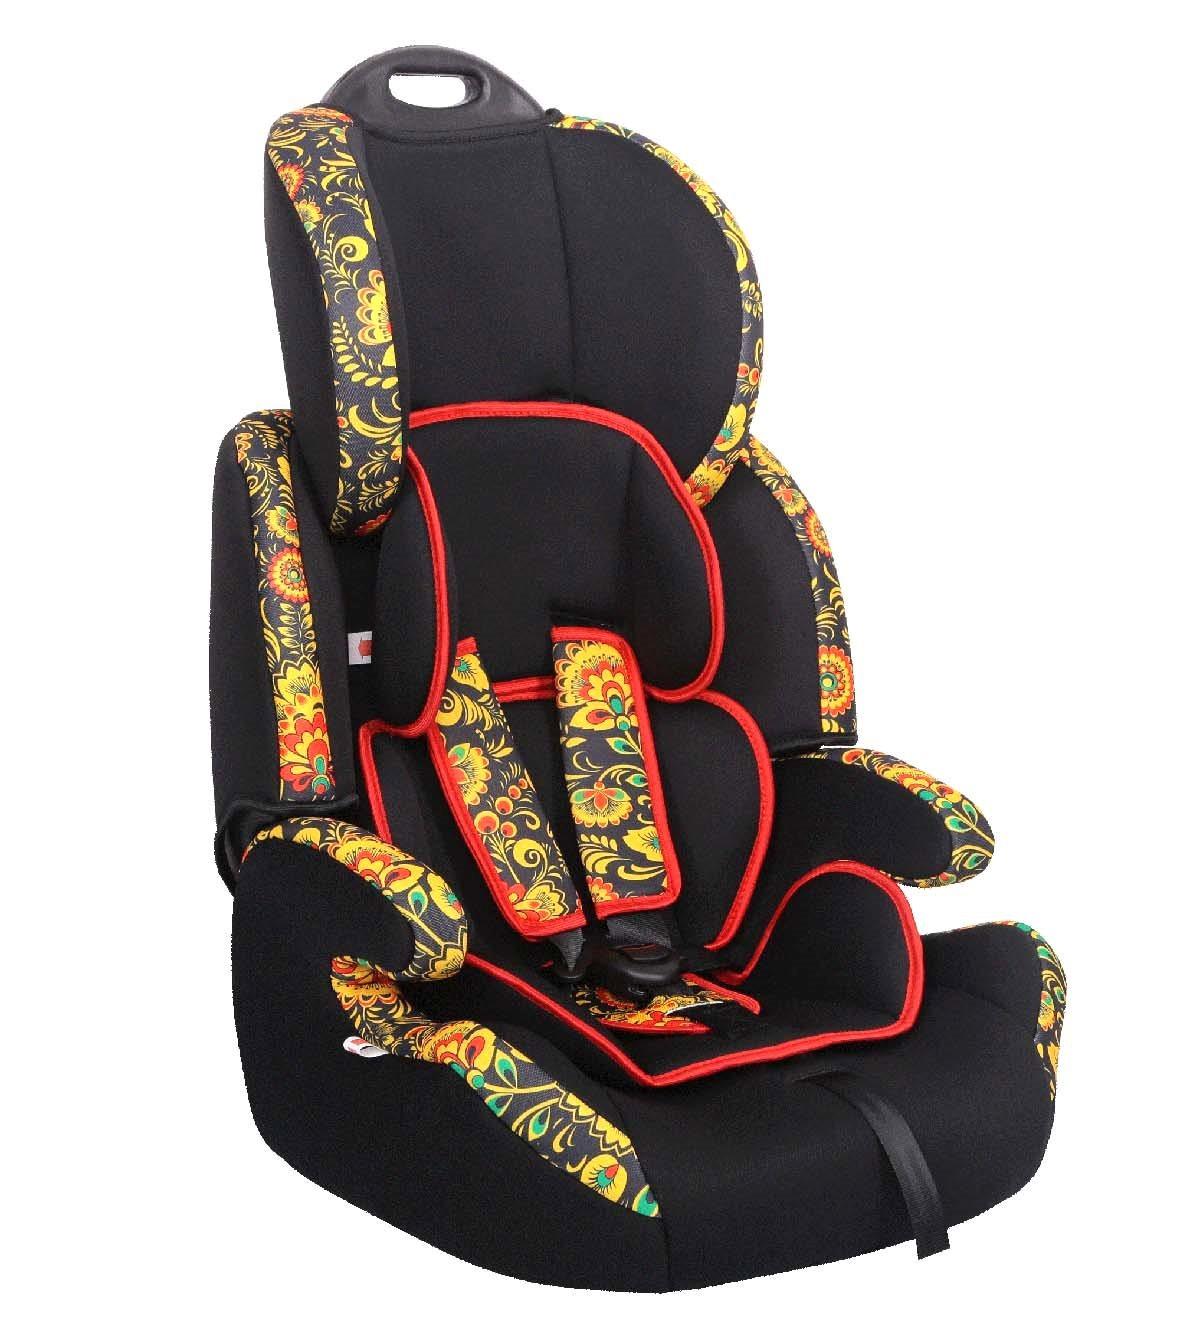 Купить Кресло детское автомобильное Siger СТАР kres0460